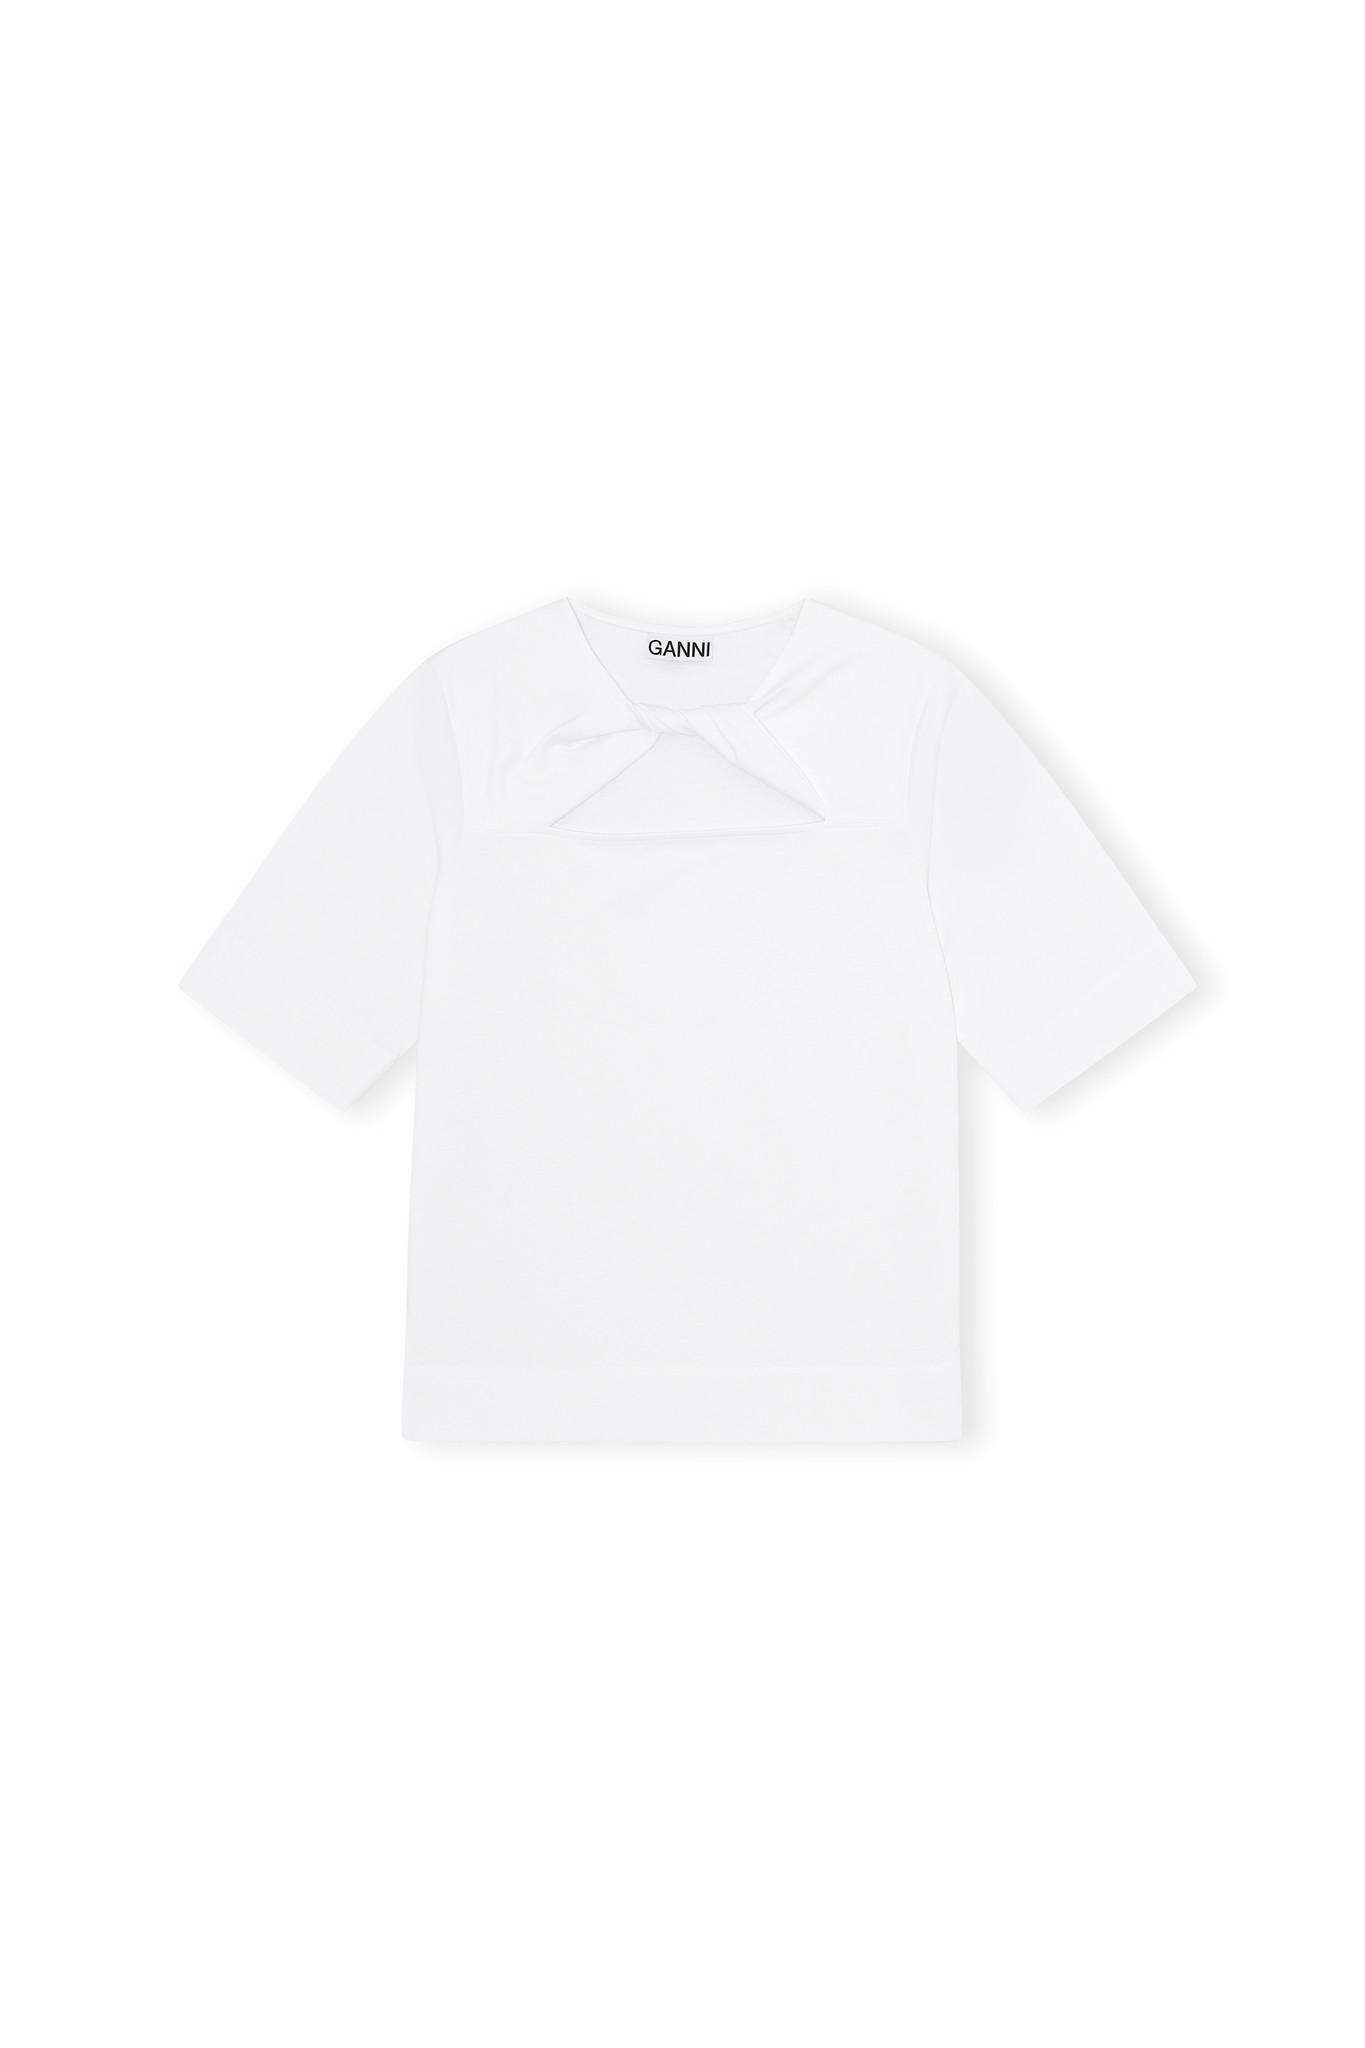 GANNI Front Twist T-shirt in White